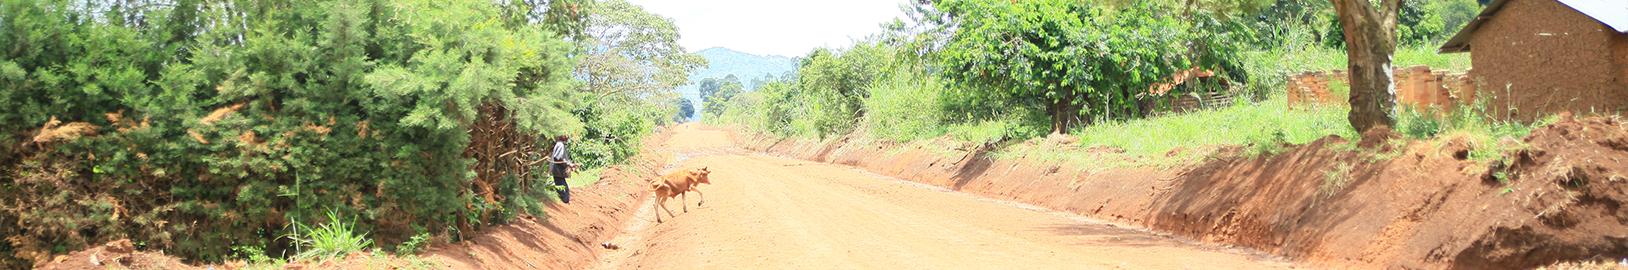 Mparangasi Waki Kiryabutuzi 16.2 Km